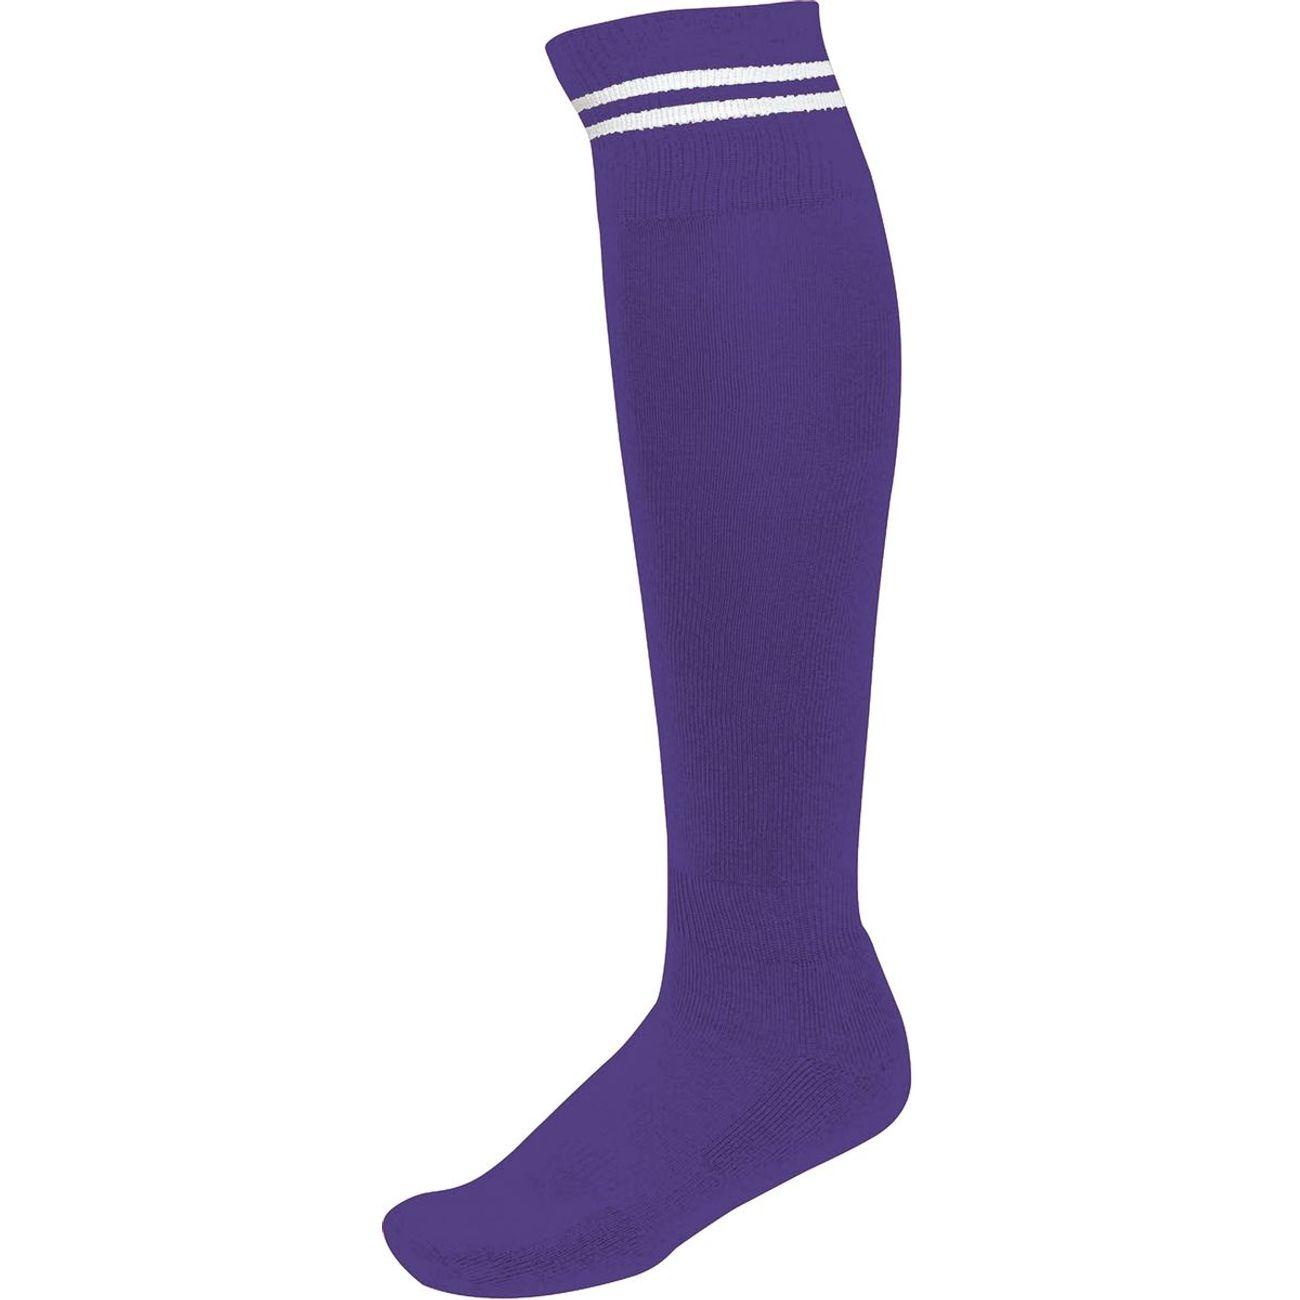 chaussettes sport pa015 violet rayure blanche achat et prix pas cher go sport. Black Bedroom Furniture Sets. Home Design Ideas